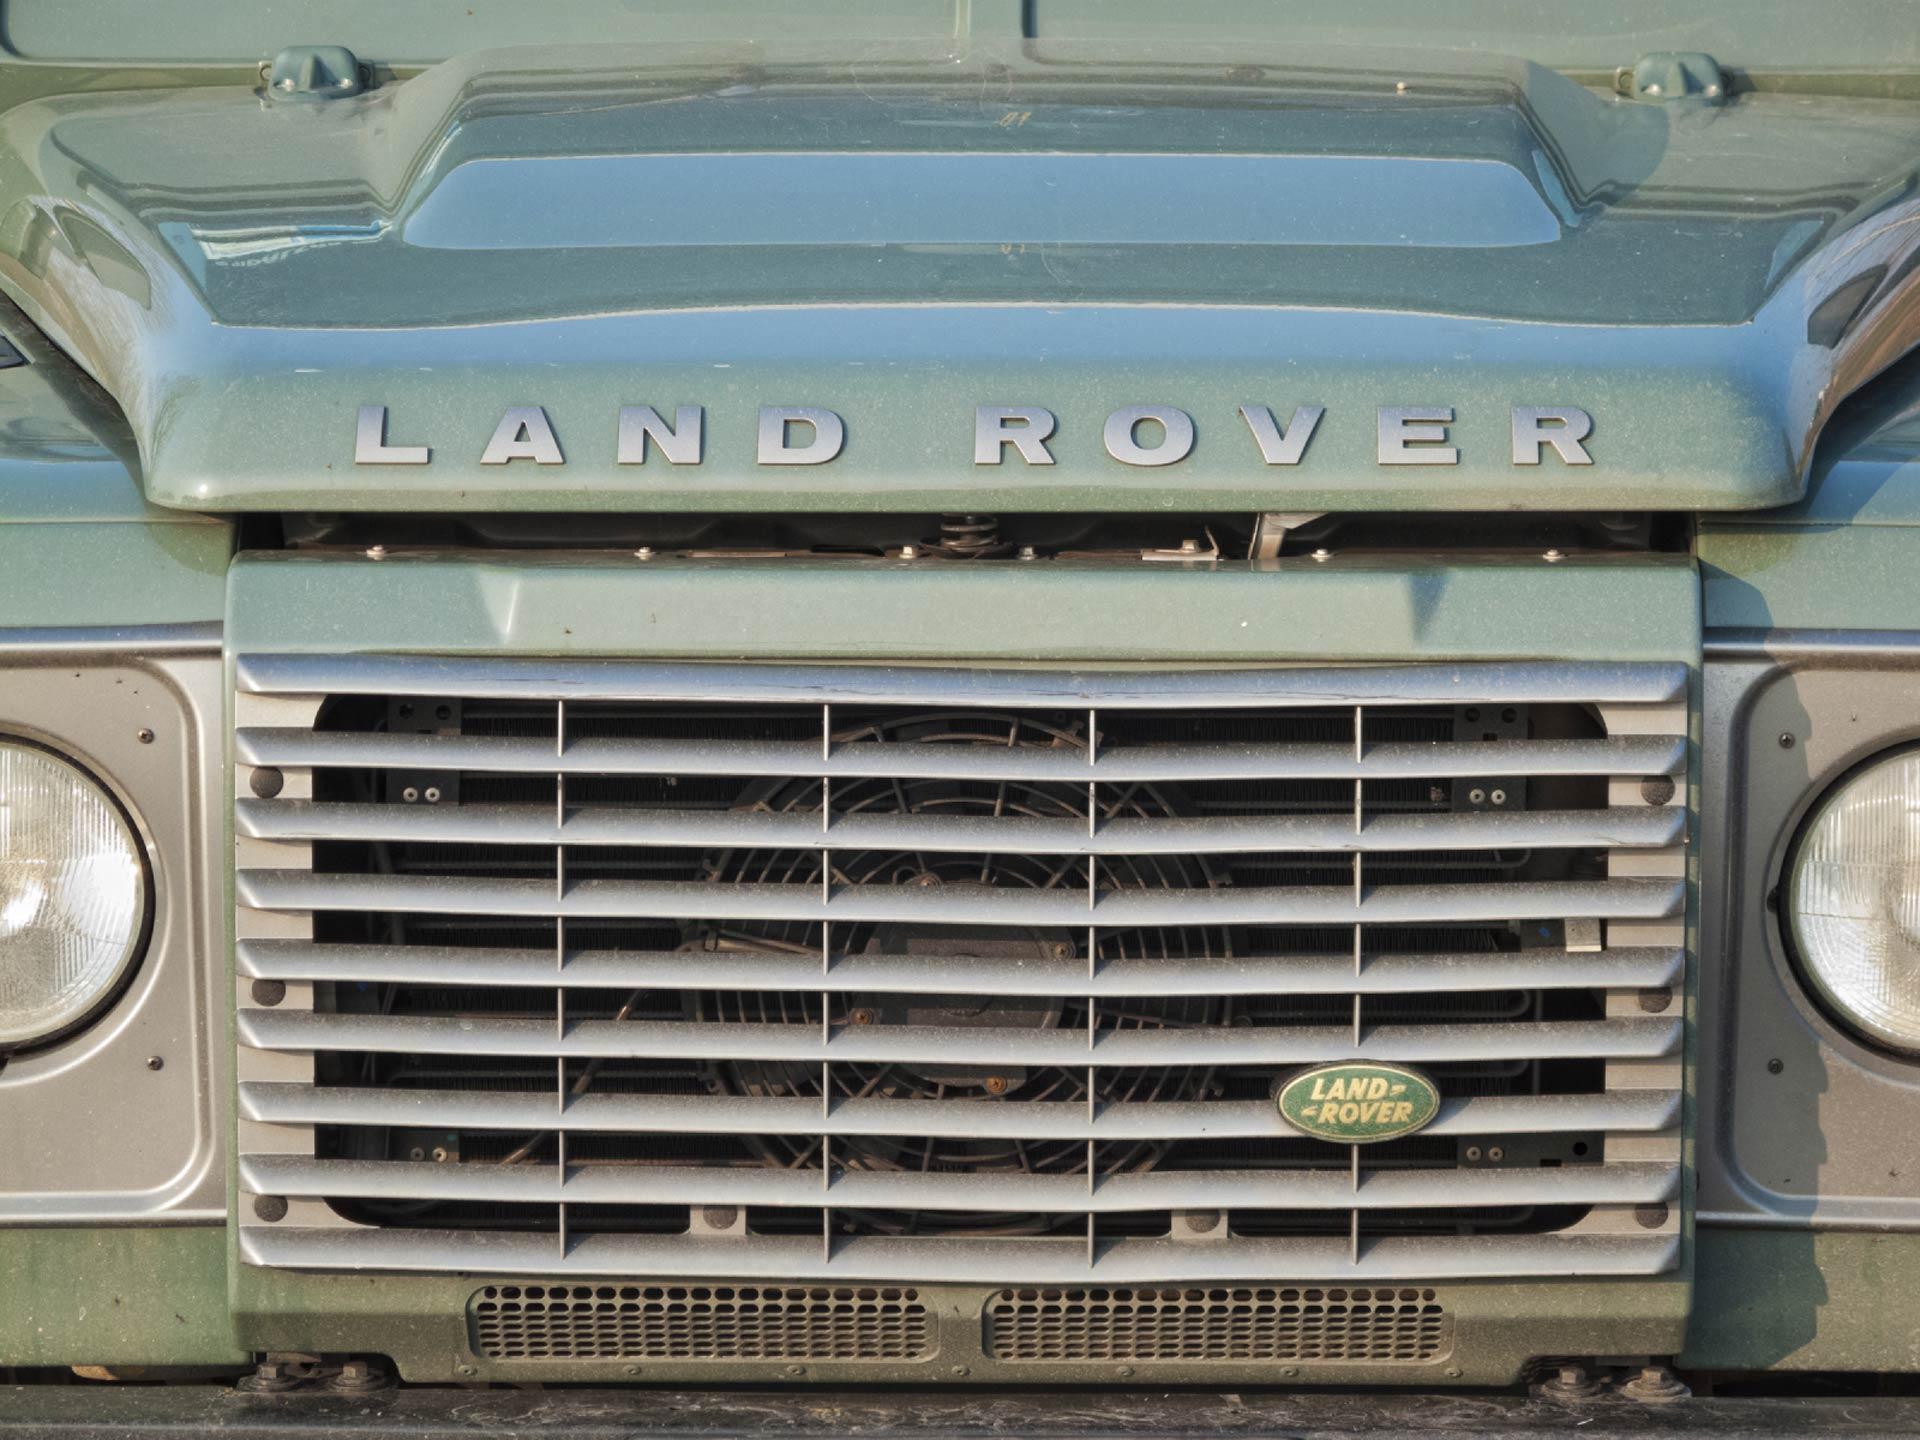 Jaguar Land Rover informó que este modelo saldrá de la línea de producción esta misma semana